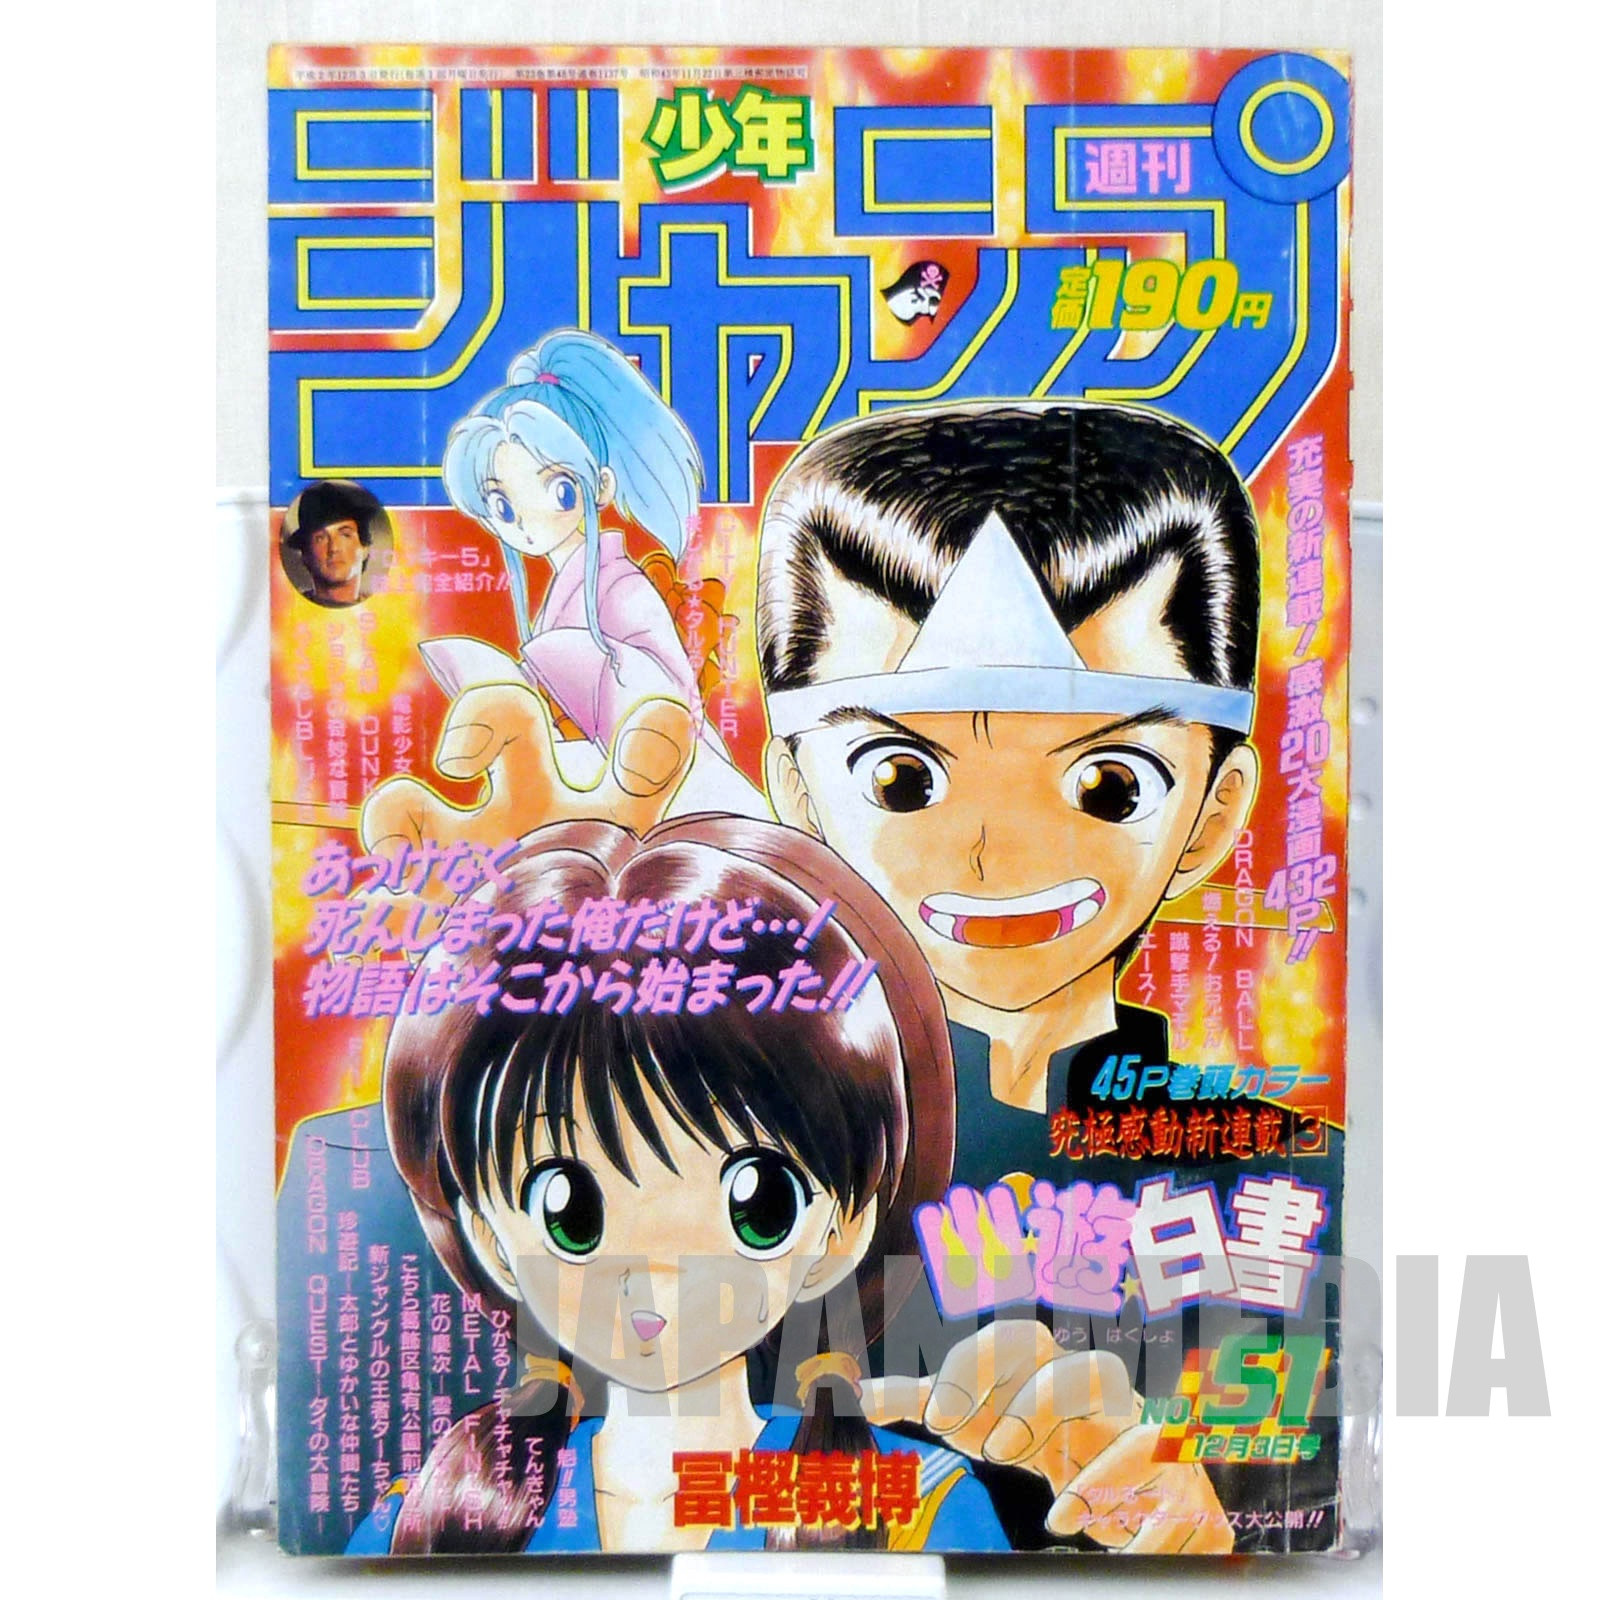 RARE!! Weekly Shonen JUMP Vol.51 1990 Yu Yu Hakusho / Japanese Magazine JAPAN MANGA